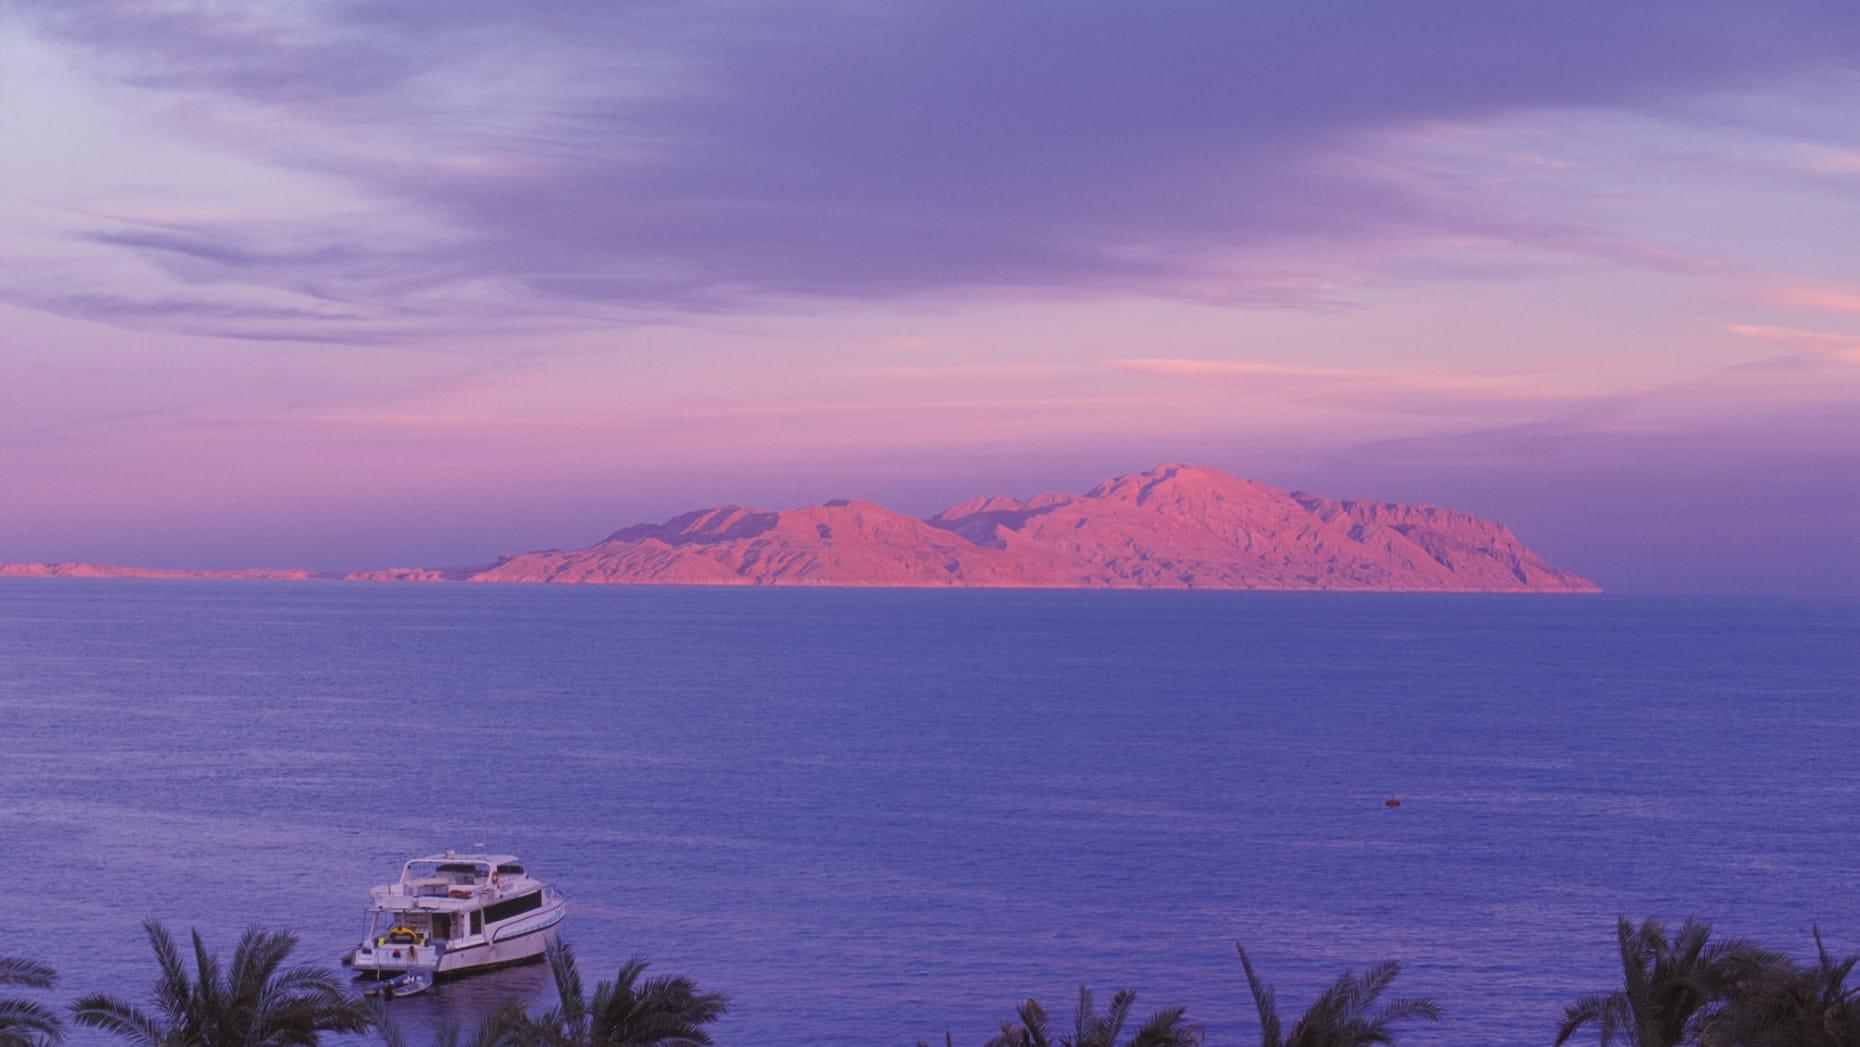 Sharm El Sheikh wedding destination